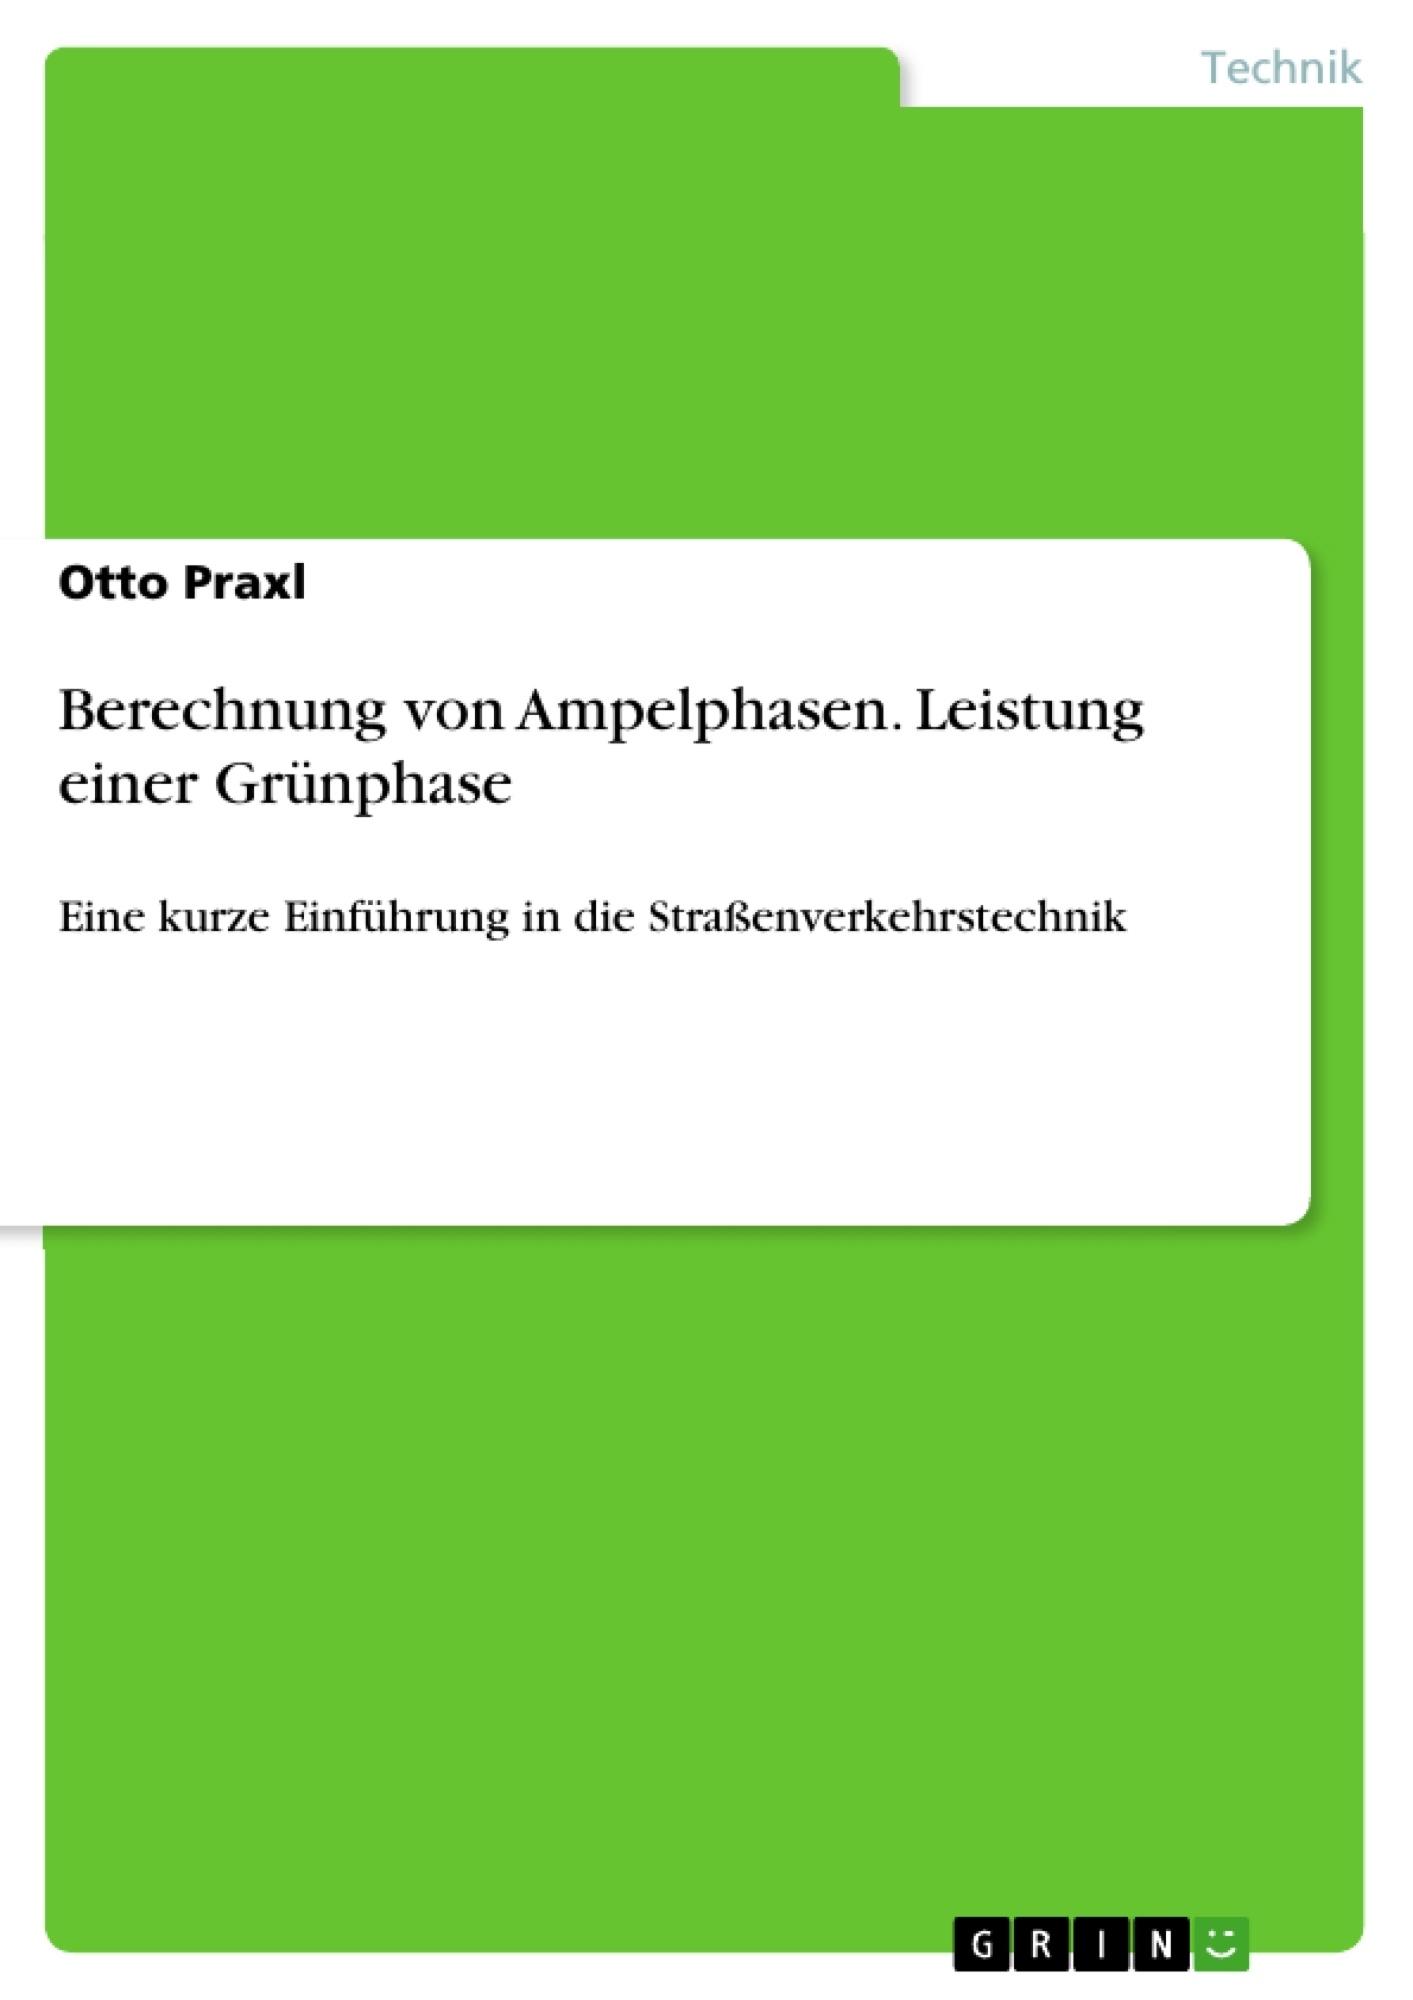 Titel: Berechnung von Ampelphasen. Leistung einer Grünphase